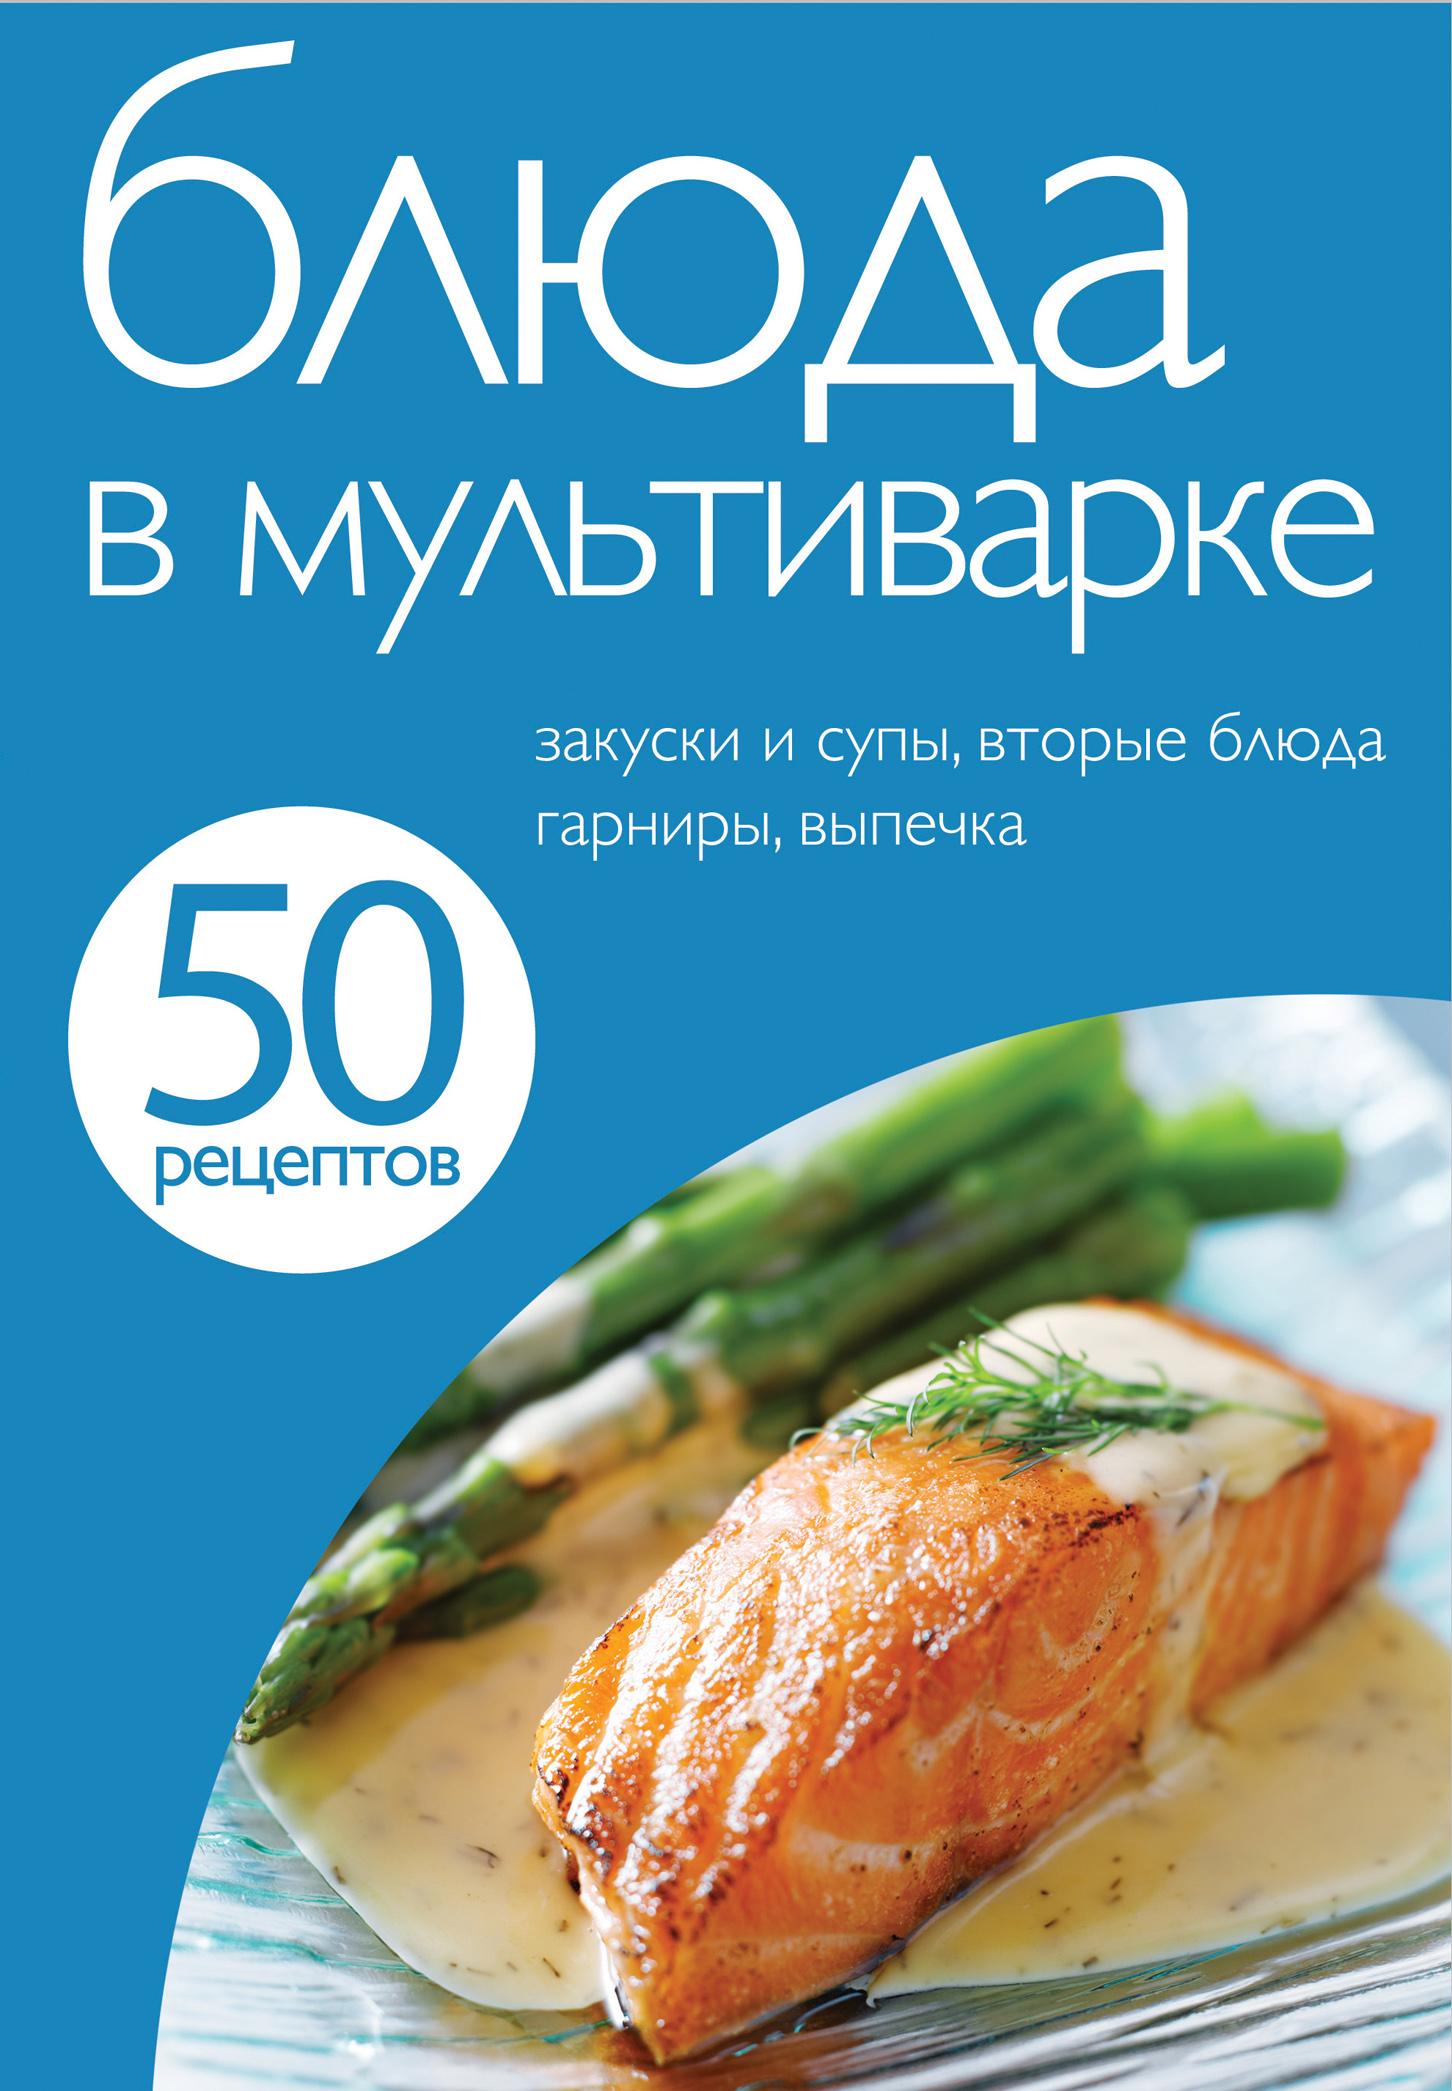 50 рецептов. Блюда в мультиварке 50 рецептов блюда в мультиварке